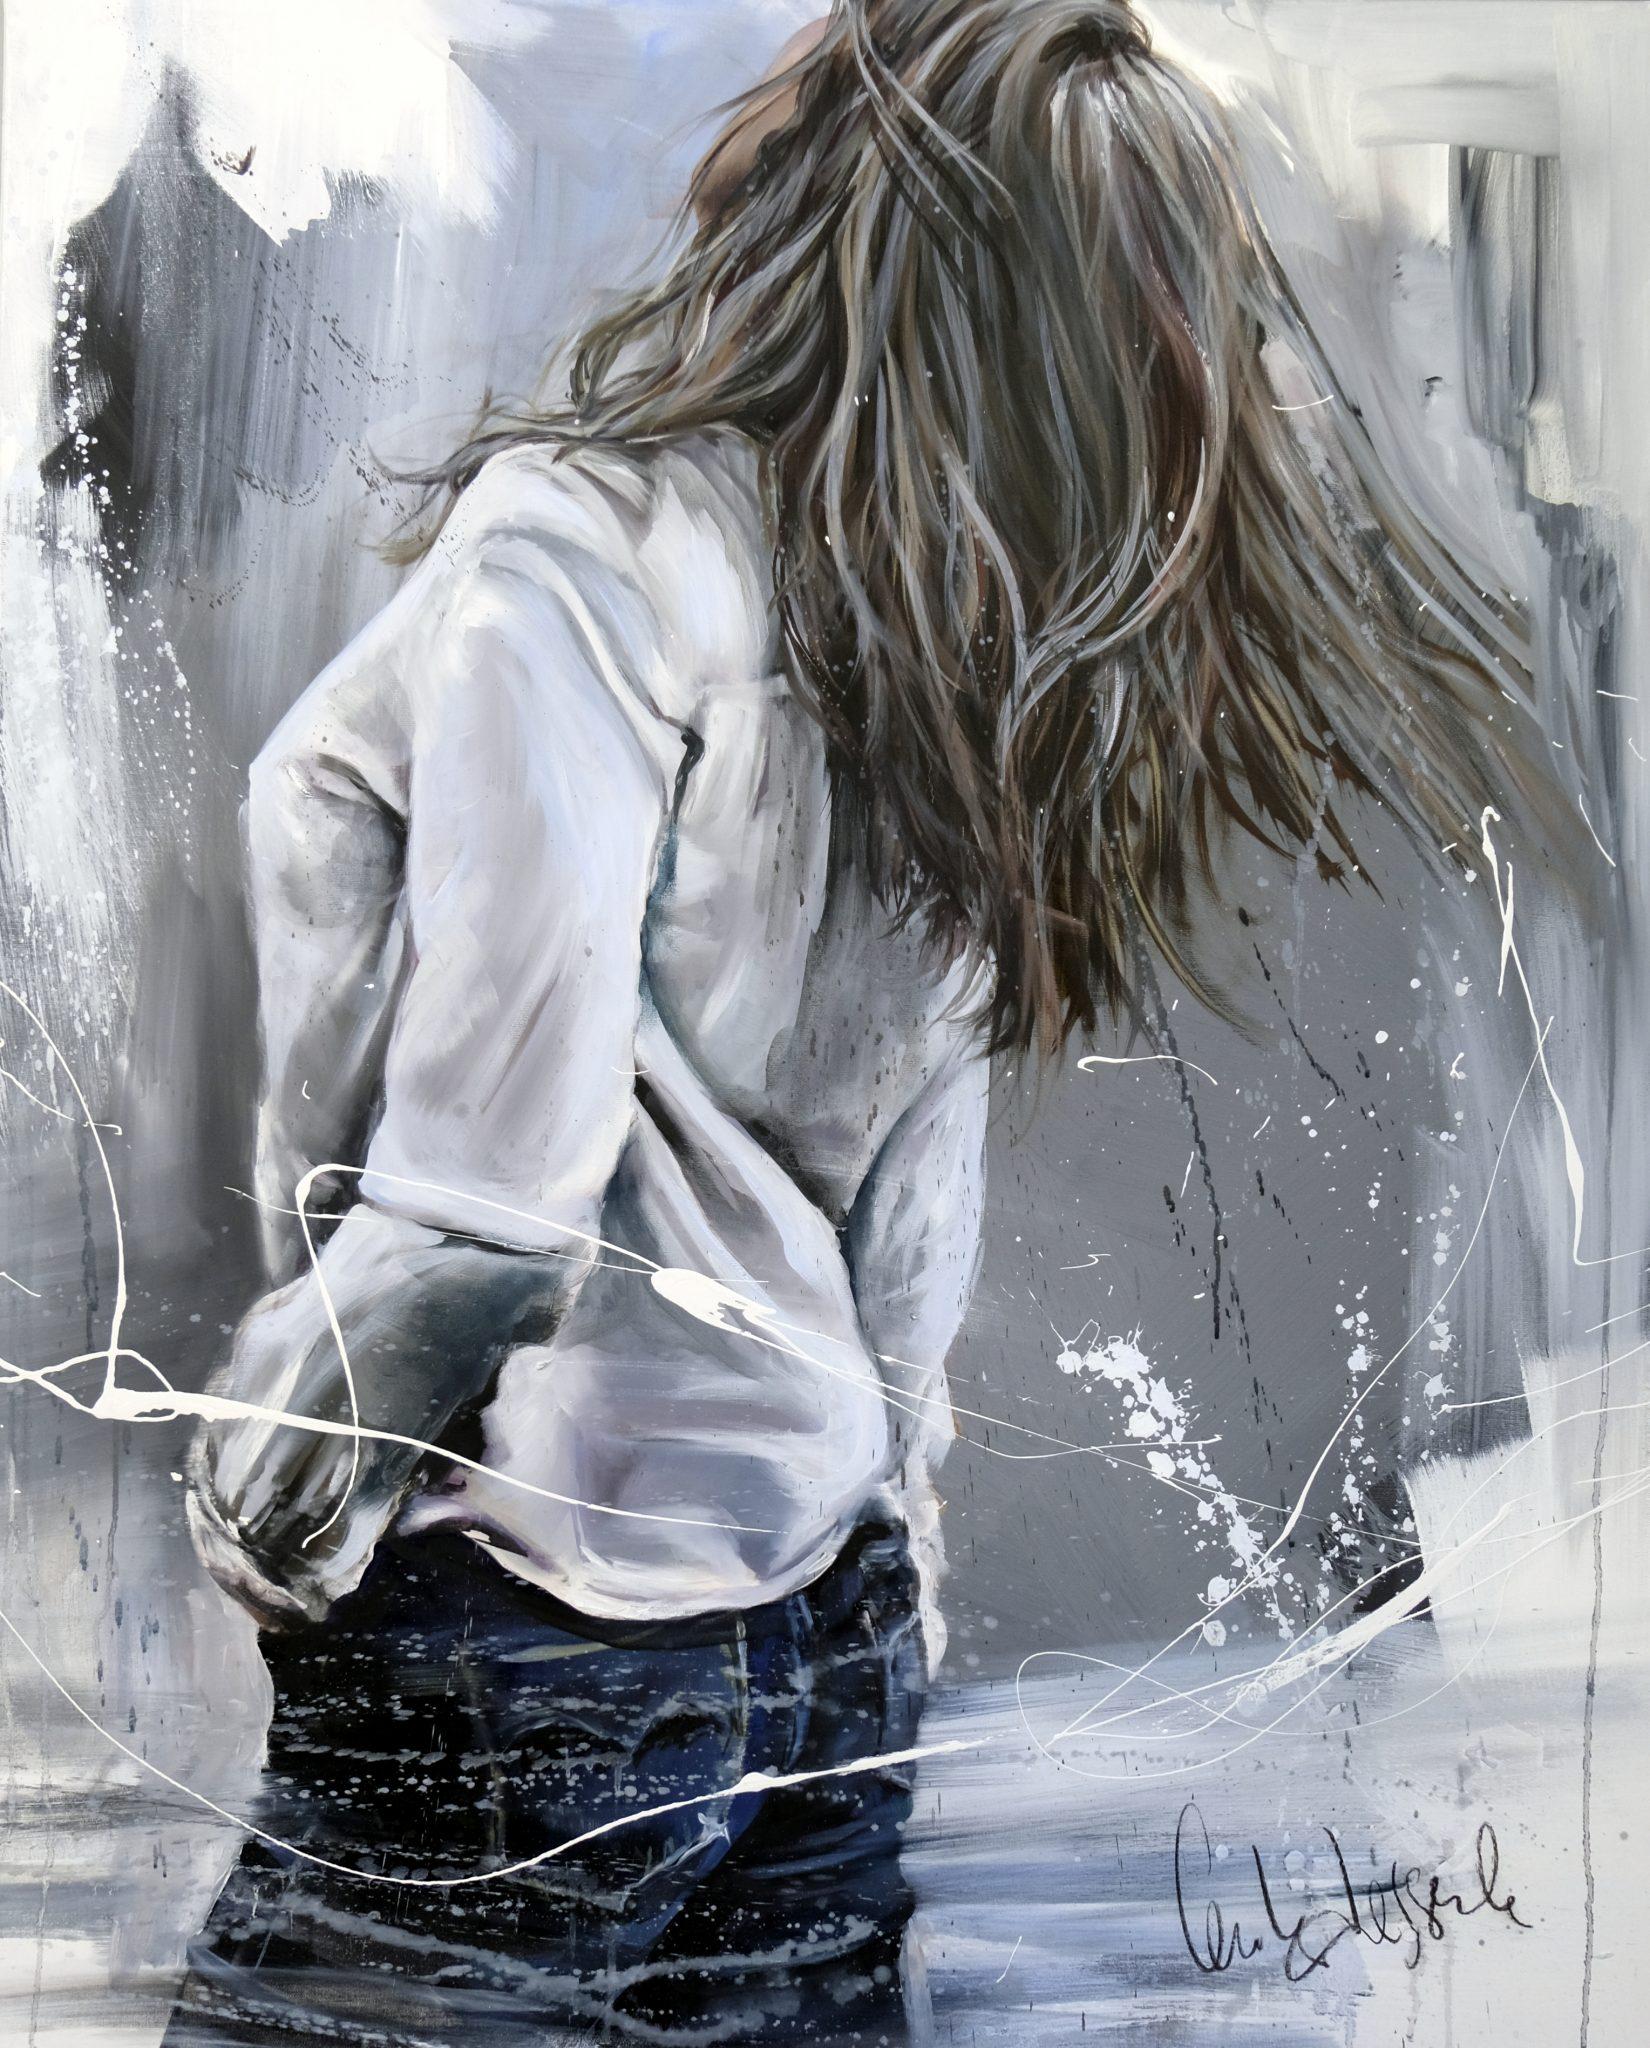 Balade 81 x 100 cm Huile sur toile Cécile Desserle